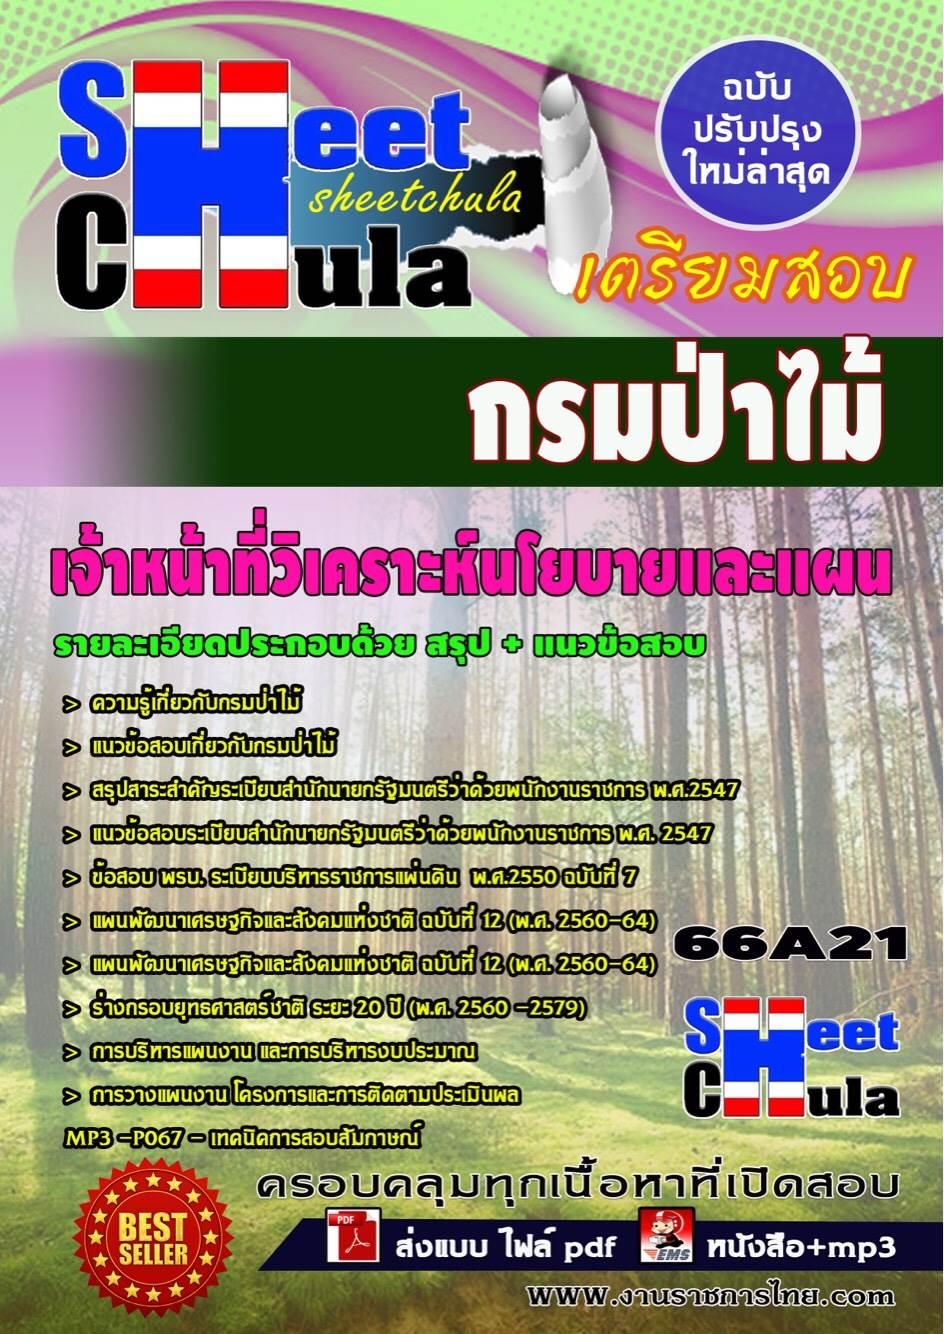 หนังสือเตรียมสอบ แนวข้อสอบข้าราชการ คุ่มือสอบเจ้าหน้าที่วิเคราะห์นโยบายและแผน กรมป่าไม้